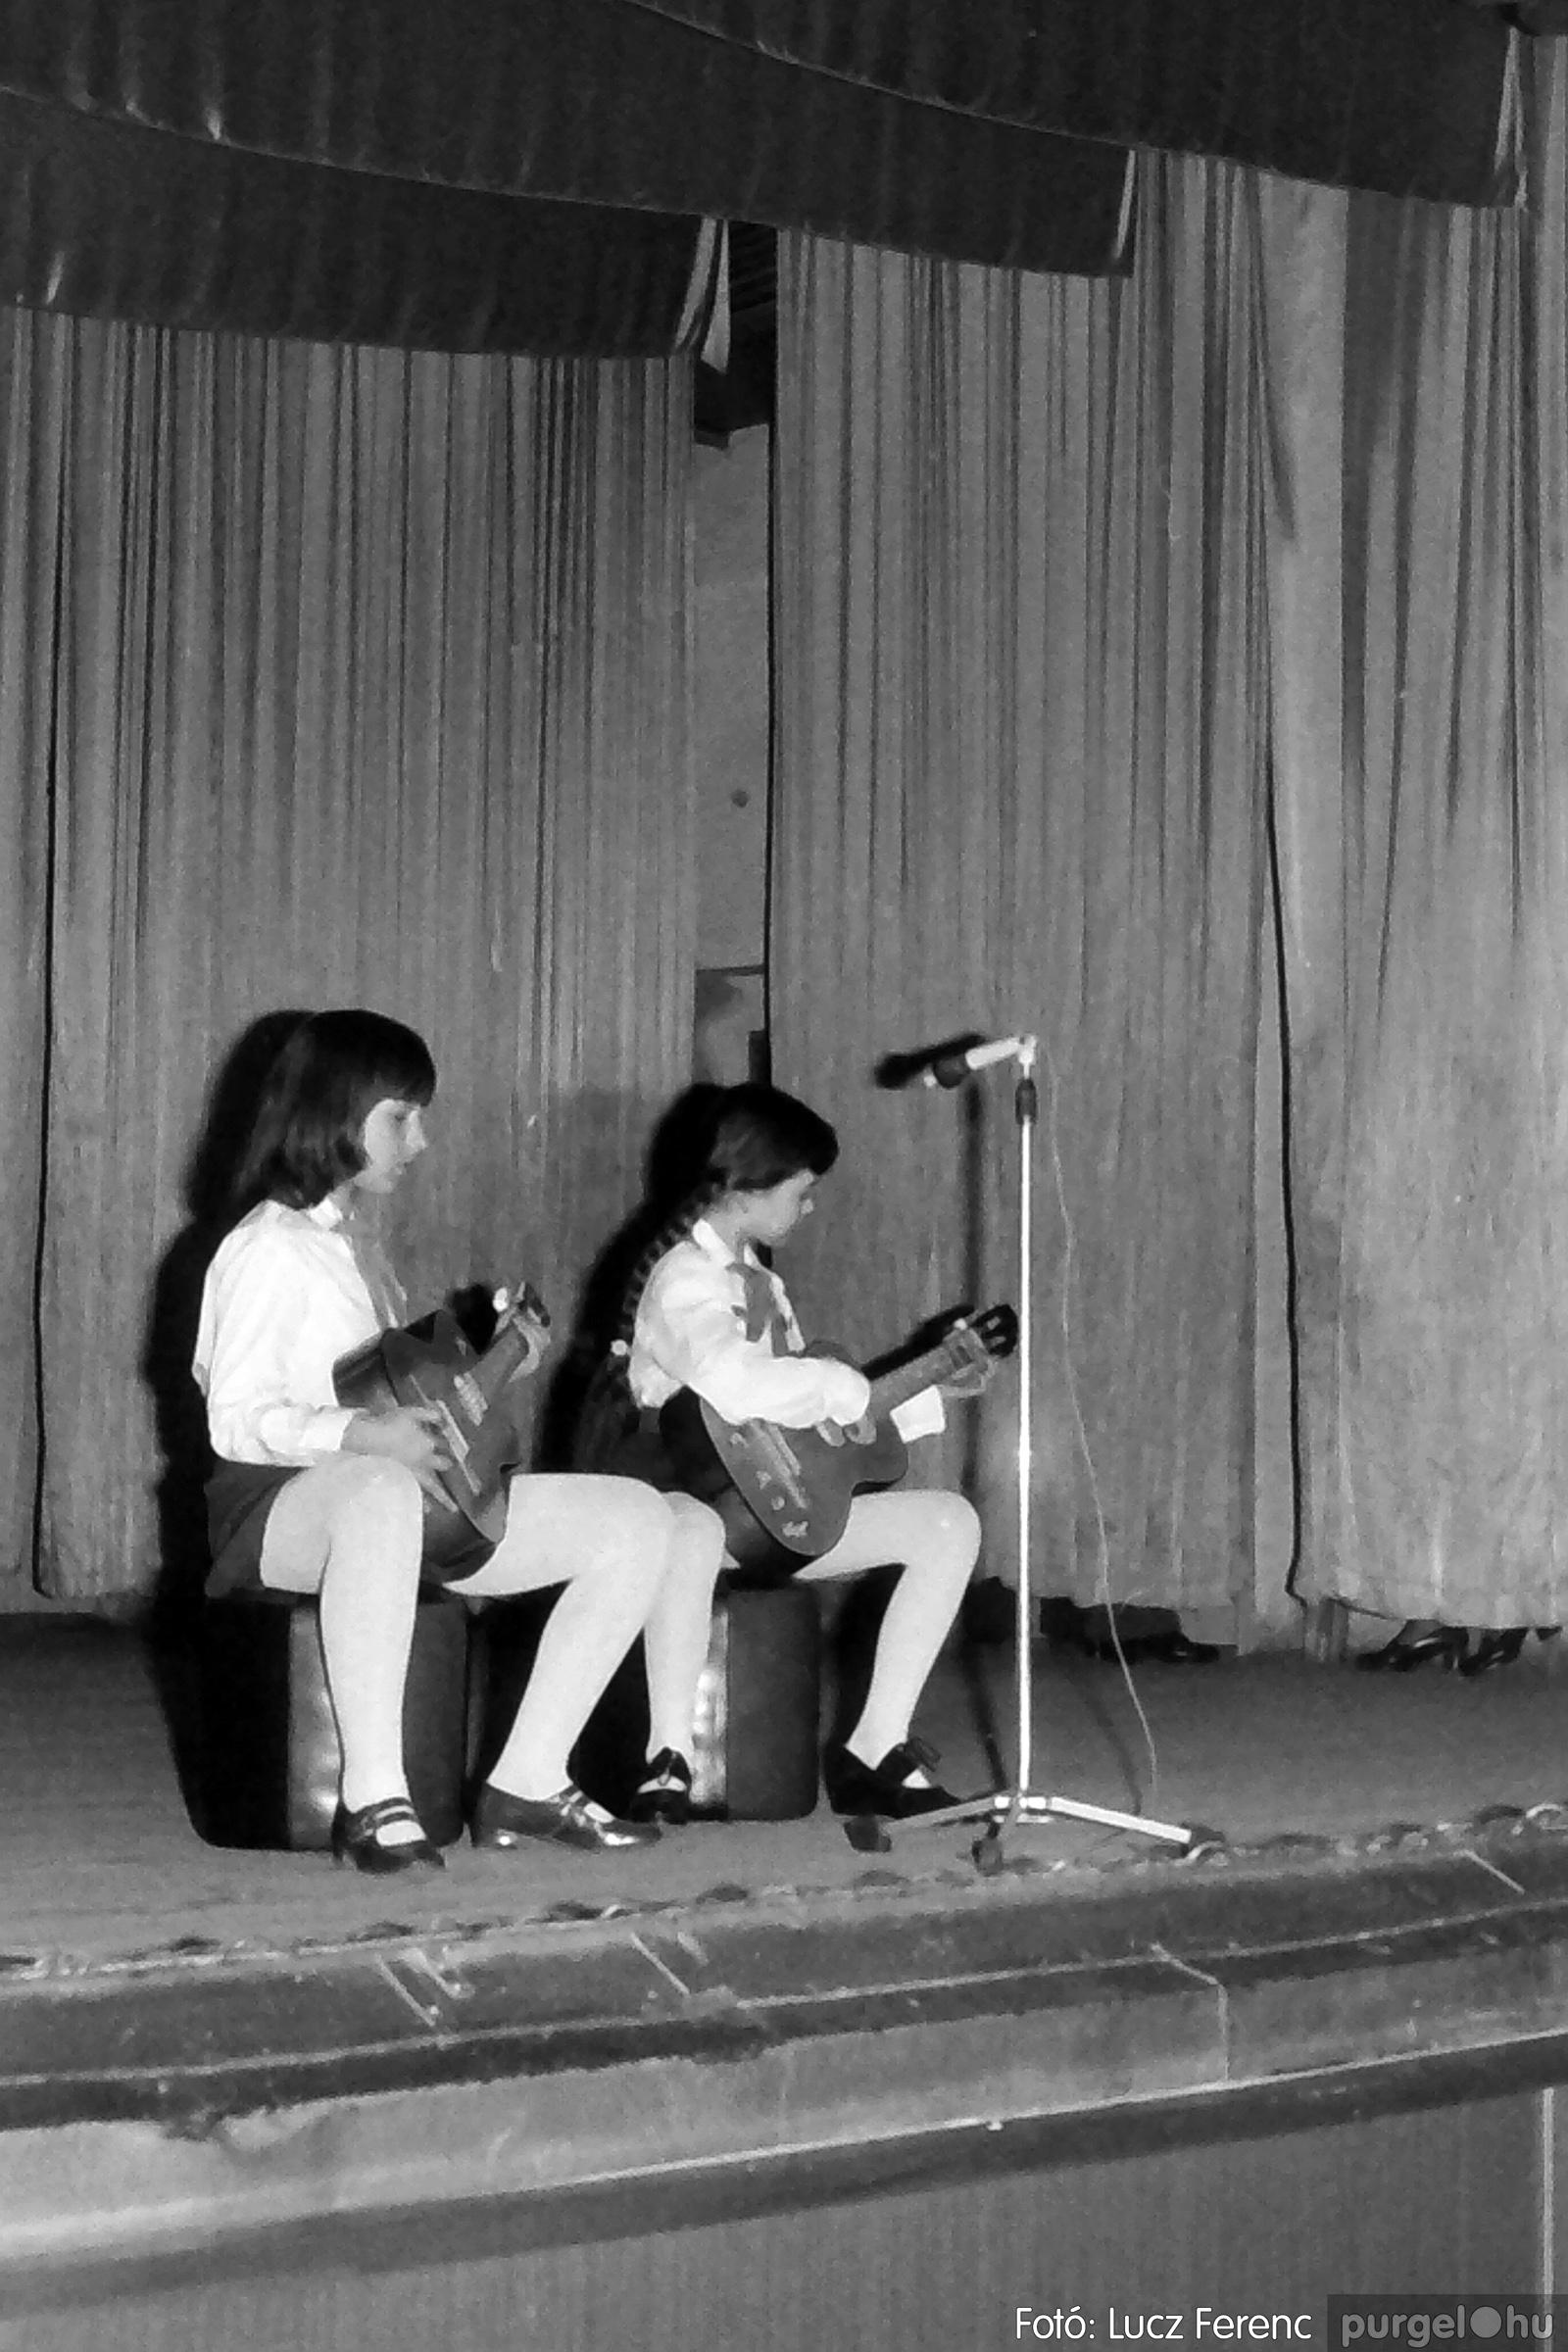 076. 1977. Iskolások fellépése a kultúrházban 012. - Fotó: Lucz Ferenc.jpg